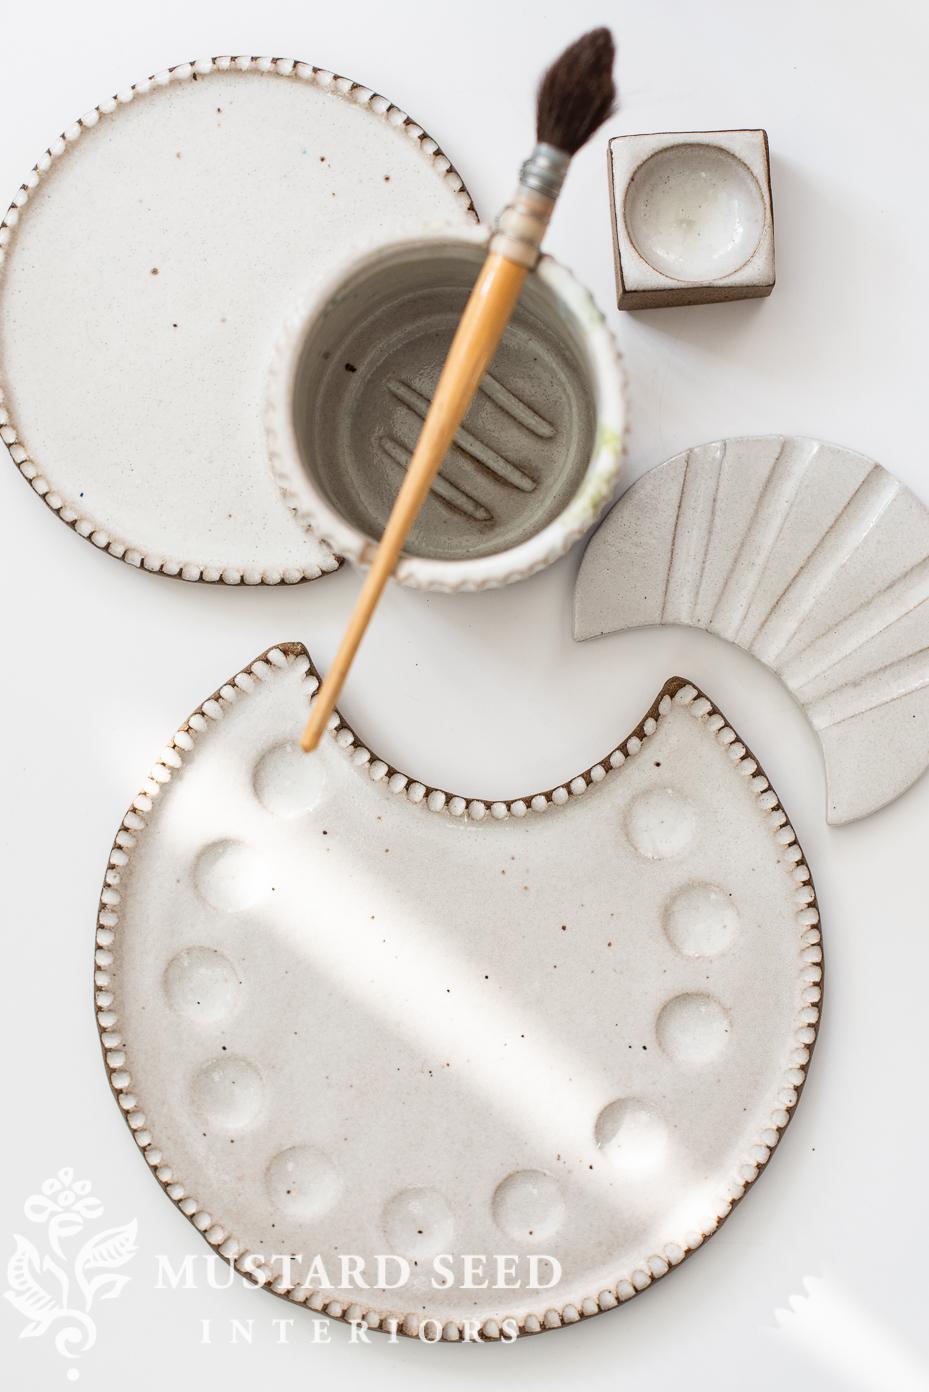 sylvan clay works moon palette set   miss mustard seed